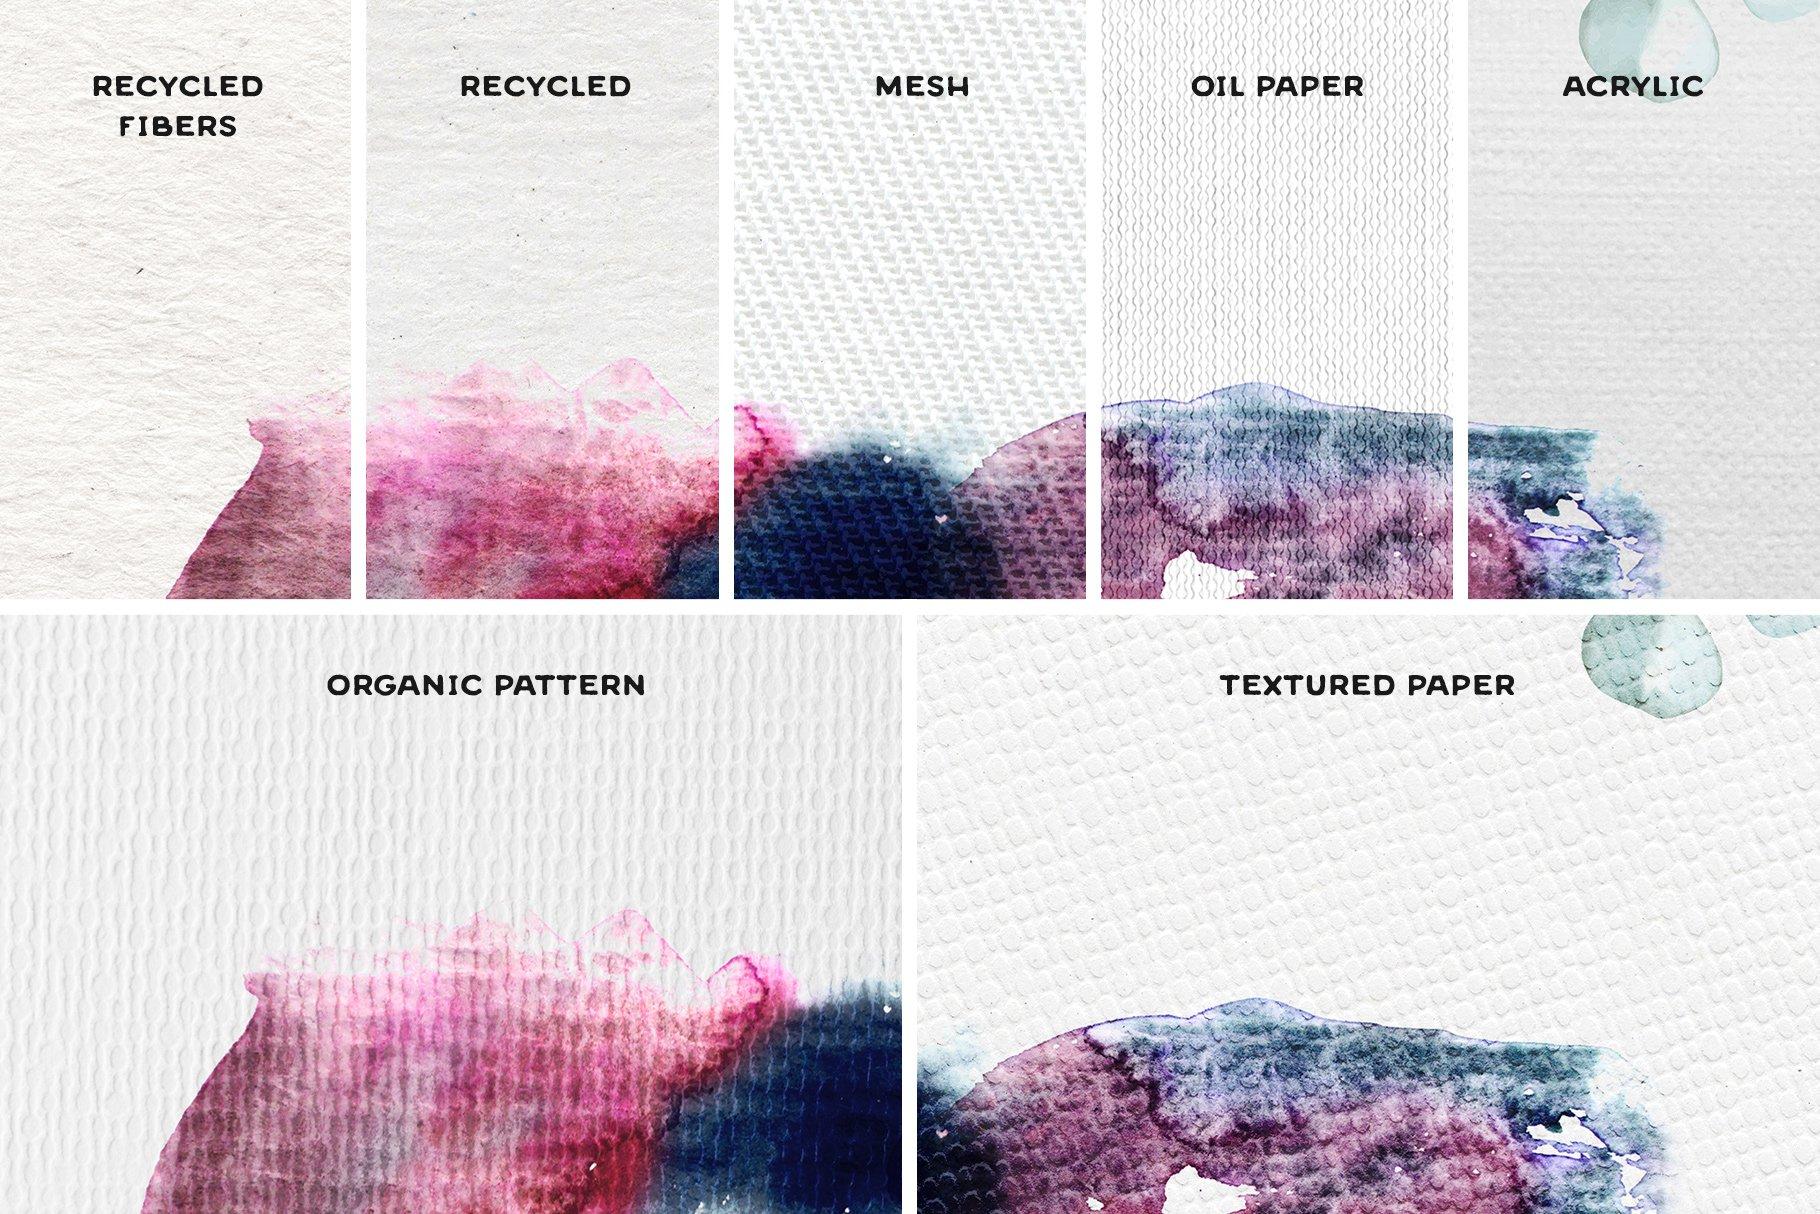 [单独购买] 17款逼真绘画画布背景Procreate纸纹理设计素材 Procreate Paper Texture Canvases插图5